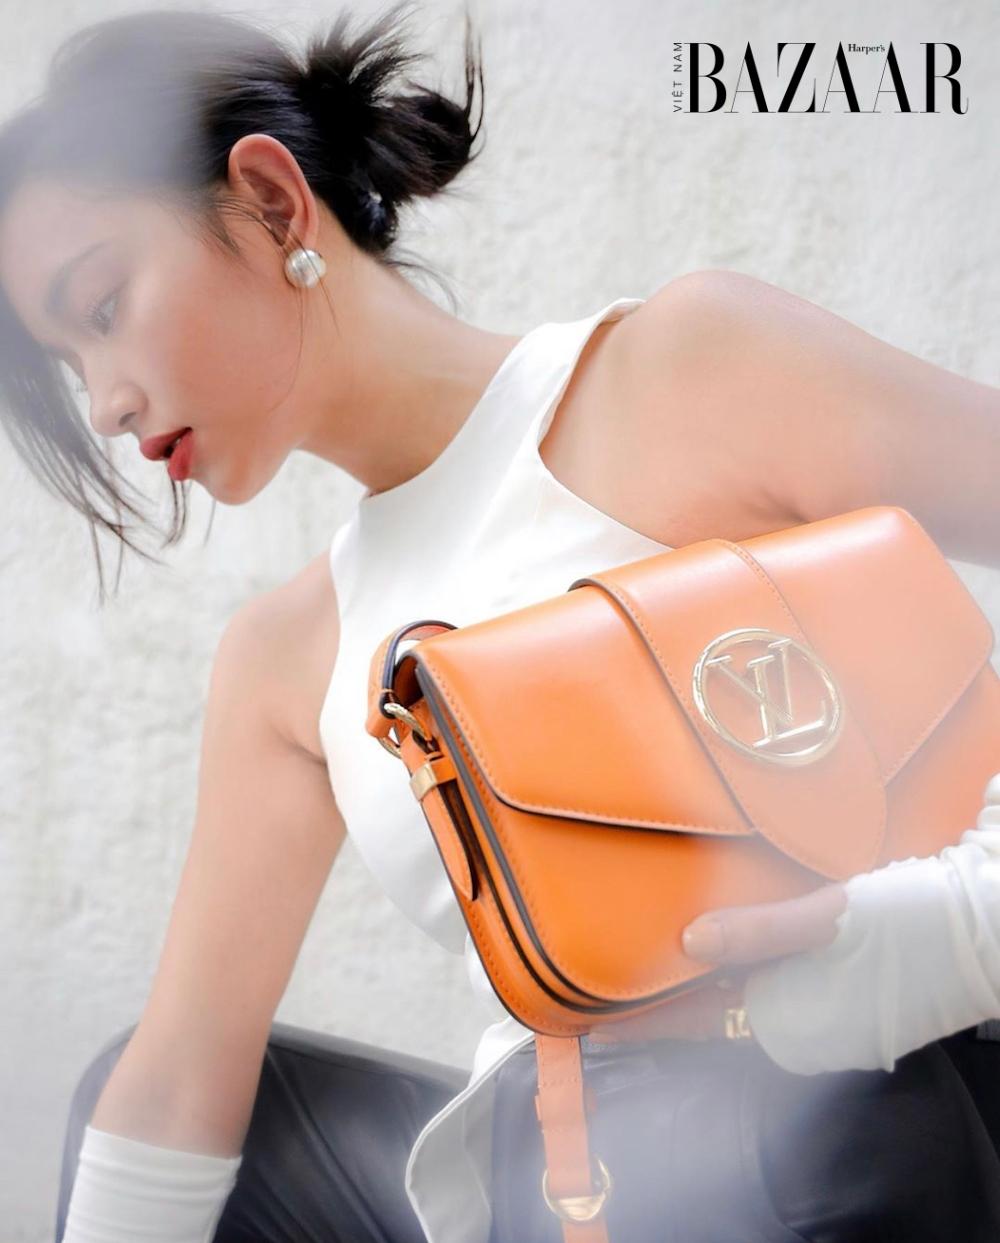 8 thói quen xấu nên tránh để bảo dưỡng túi da cao cấp lâu hỏng